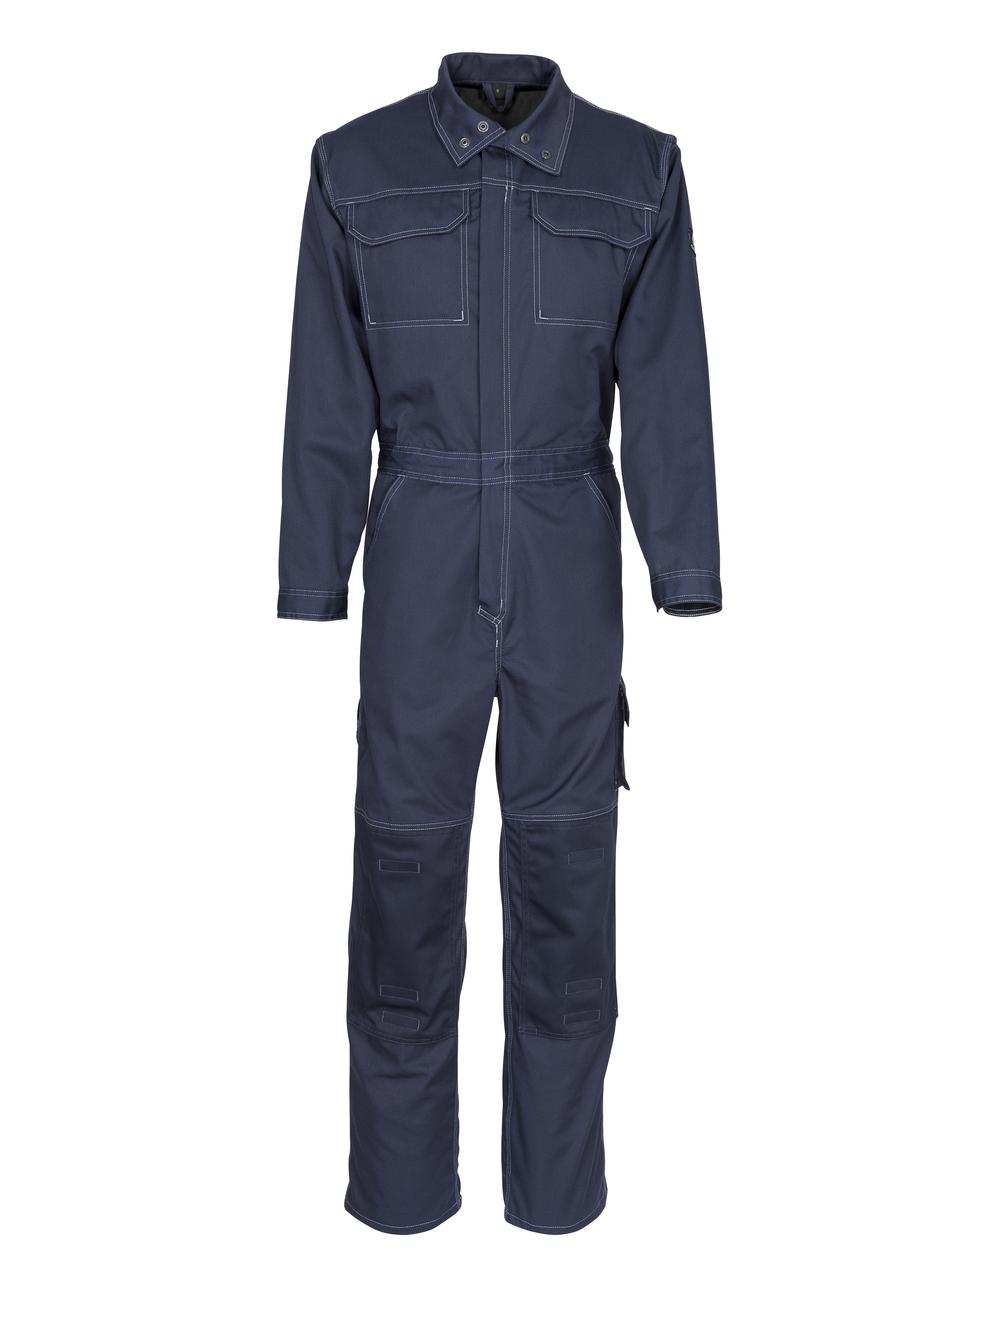 12311-630-010 Boilersuit with kneepad pockets - dark navy